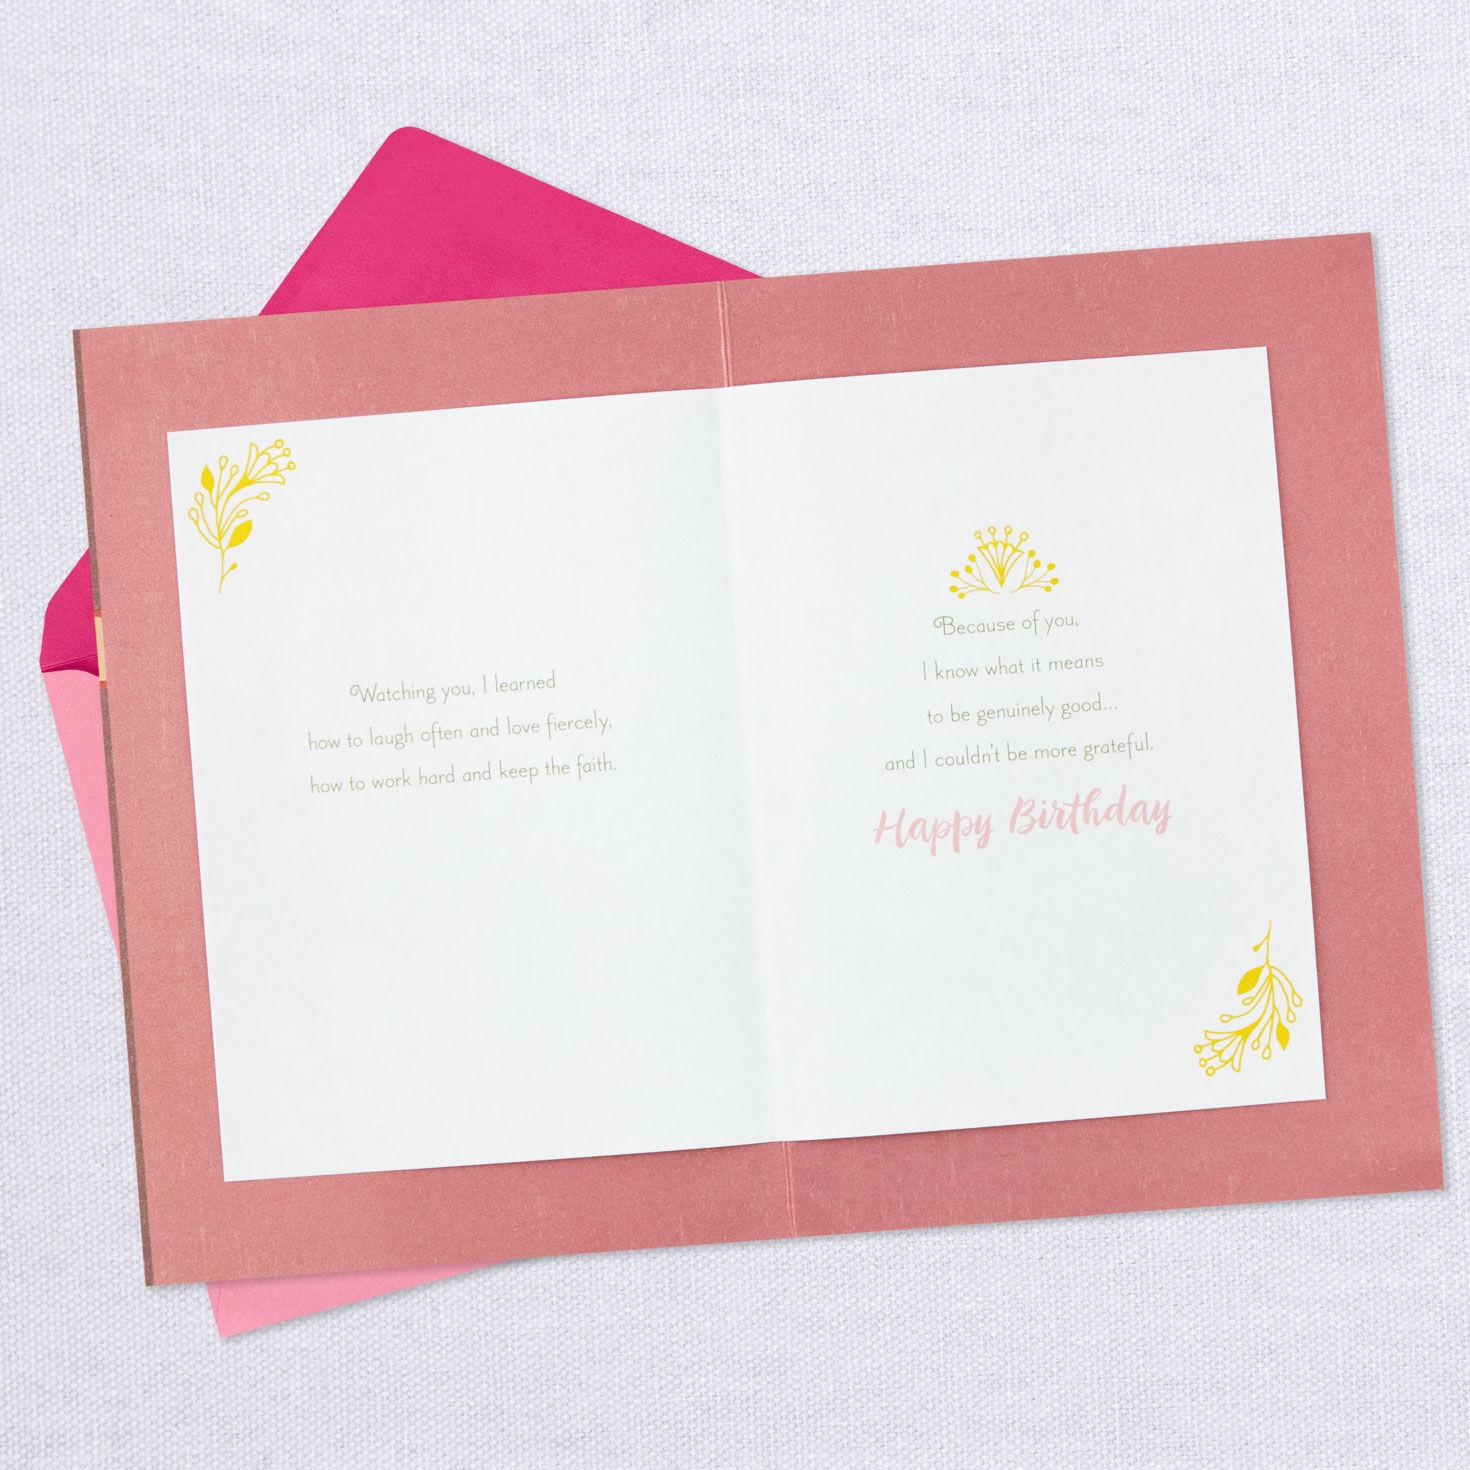 mommy birthday card happy birthday mom